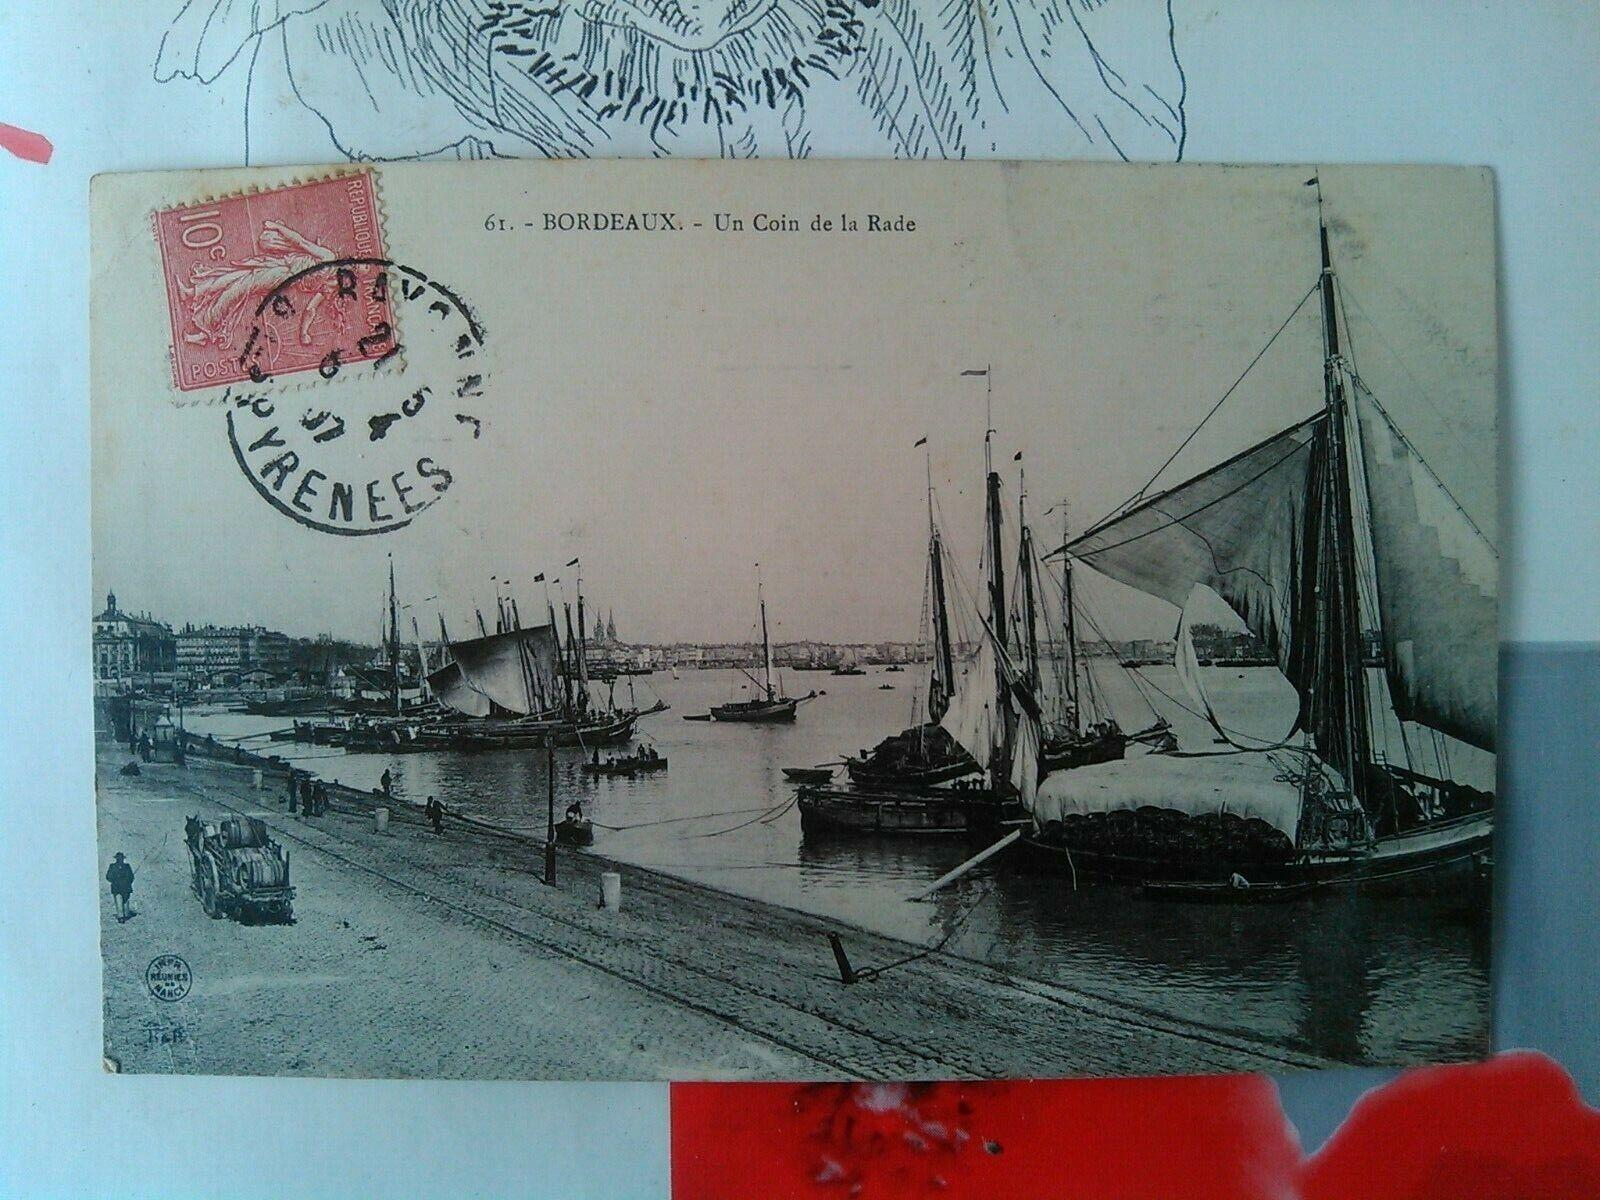 Cpa bordeaux 61 un coin de la rade, bateaux à voiles, charette barriques...